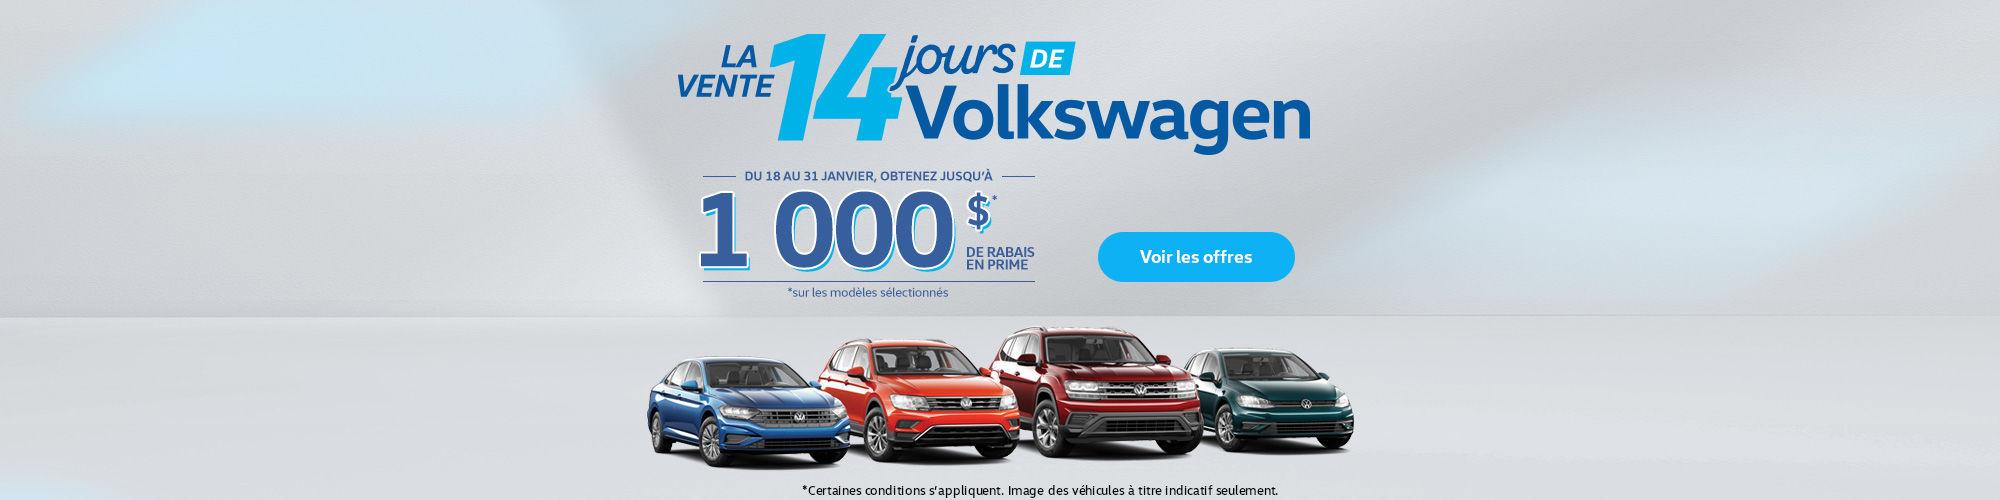 Événement Volkswagen Salon de l'auto